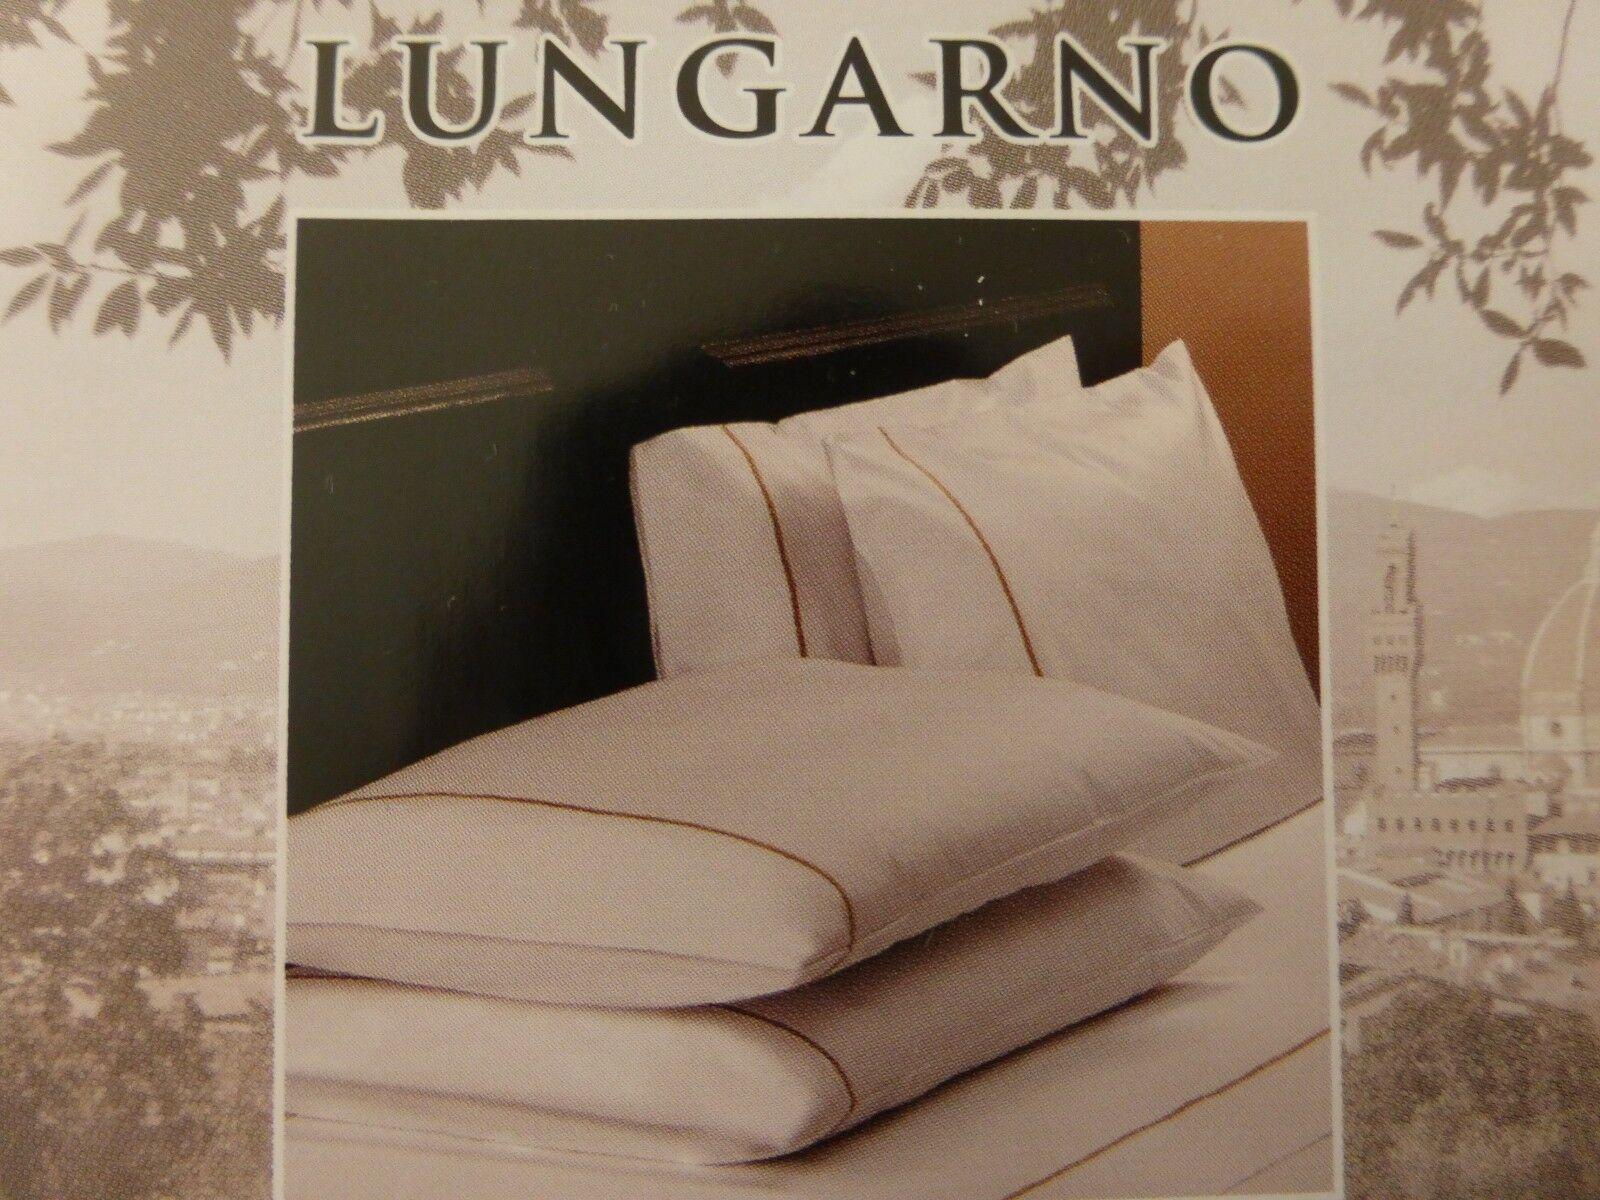 2 pc Lungarno 100% Egyptian Cotton Percale 400TC White King Pillowcases  113 NIP